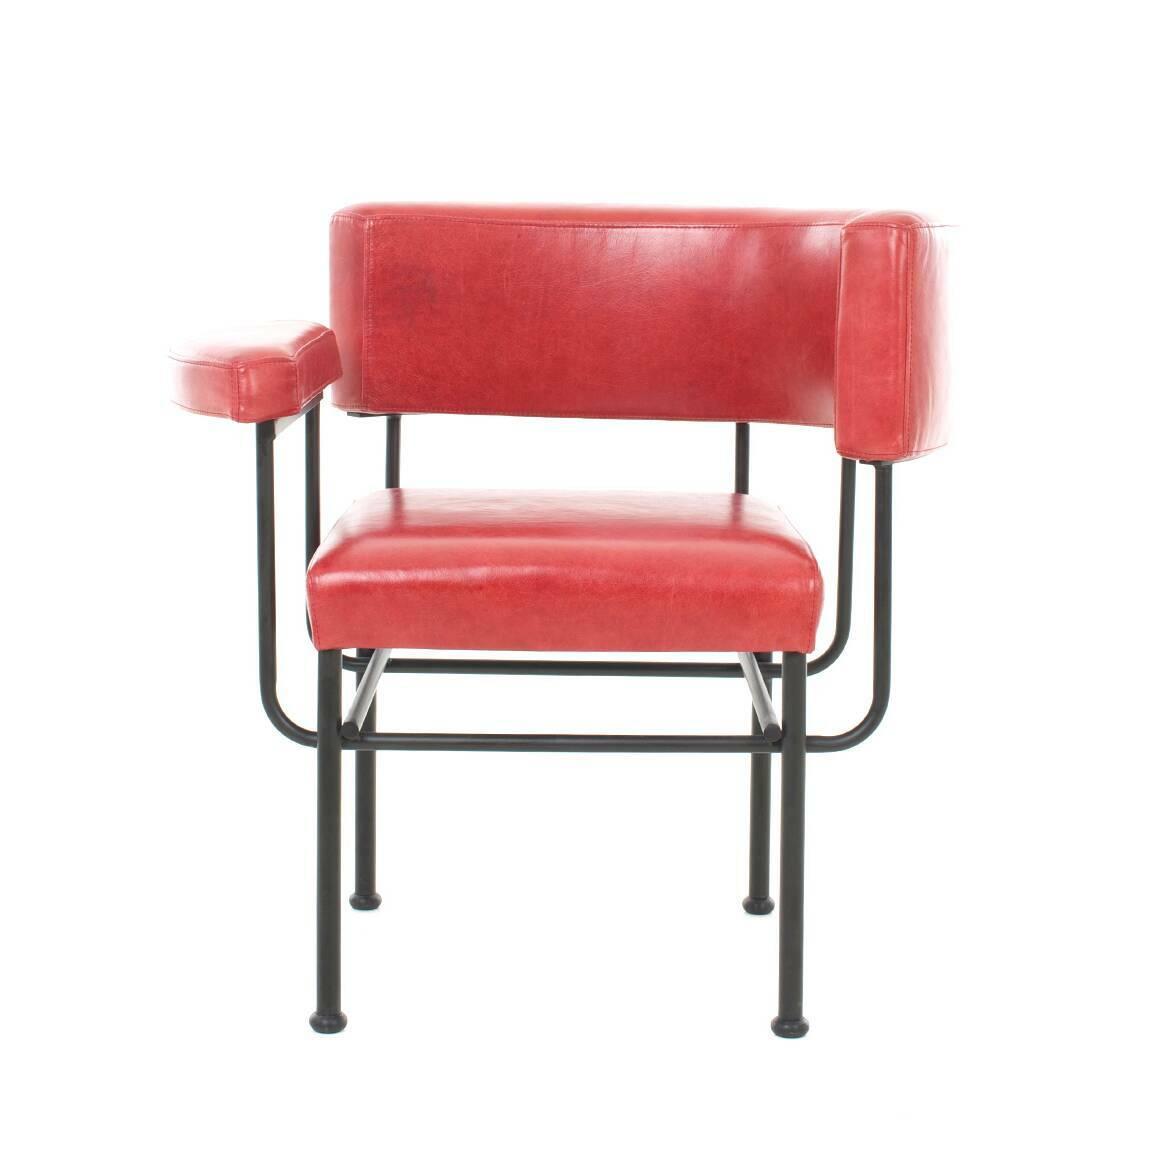 Кресло Cotton ClubИнтерьерные<br>Стильное и позитивное, кресло Cotton Club обладает яркой индивидуальностью, способной вмиг преобразить домашний интерьер, вдохнуть в него еще больше энергии, сочных цветов и новых форм. Дизайн этой модели разрабатывался проектировщиками Stellar Works – компании, создающей потрясающе красивые изделия, в которых изысканность и утонченность гармонично сочетаются с современным стилем и функциональностью.<br><br><br> Для «постройки» этого изделия используются самые современные и самые высококачеств...<br><br>stock: 0<br>Высота: 72<br>Высота сиденья: 44<br>Ширина: 72,8<br>Глубина: 57<br>Цвет ножек: Черный<br>Коллекция ткани: Leather B: Crystal<br>Тип материала обивки: Кожа<br>Тип материала ножек: Сталь<br>Цвет обивки: Красный